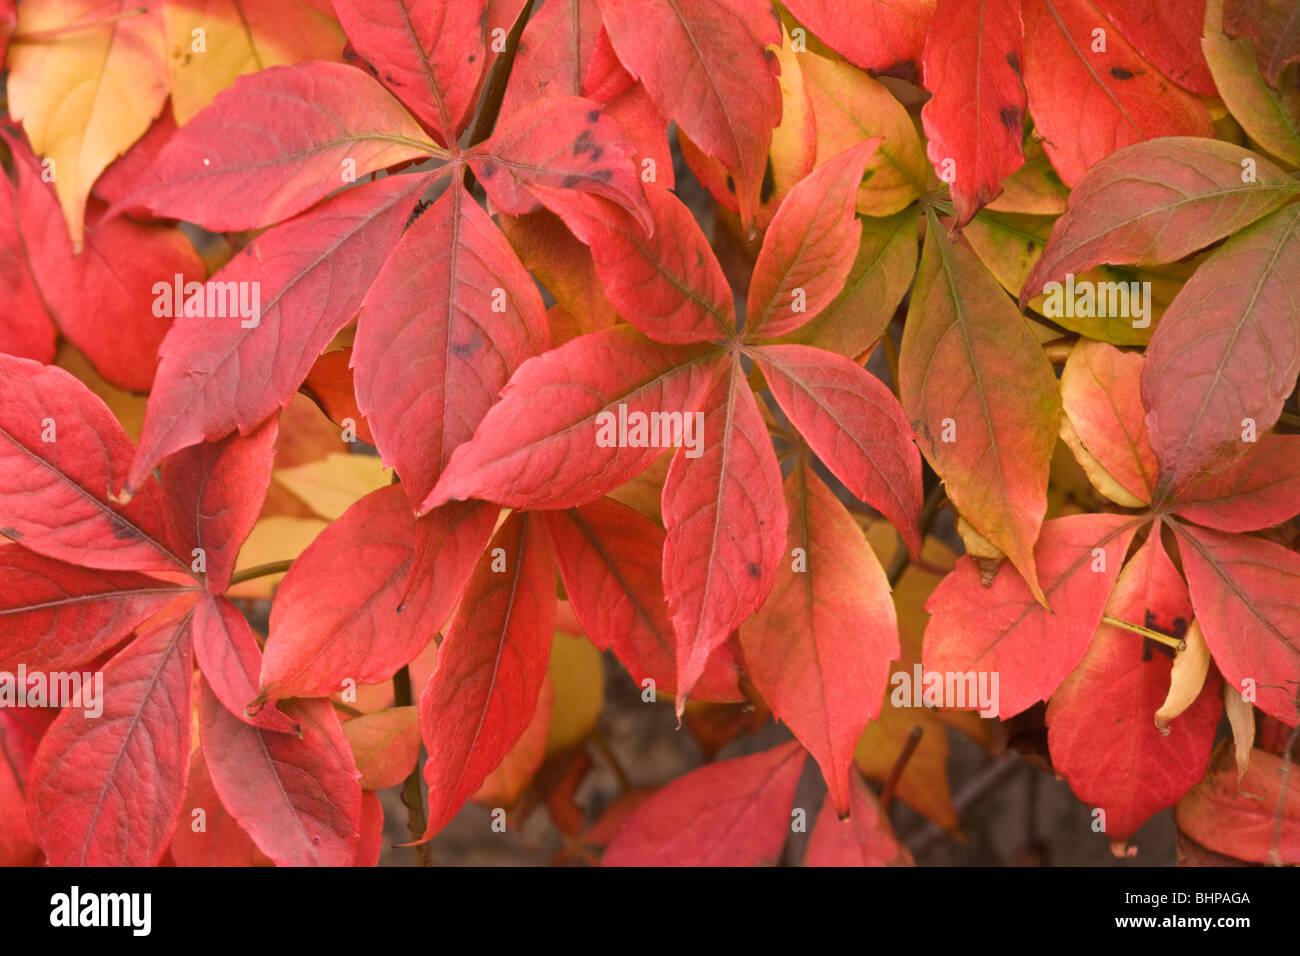 Virginia creeper in autumn - Stock Image